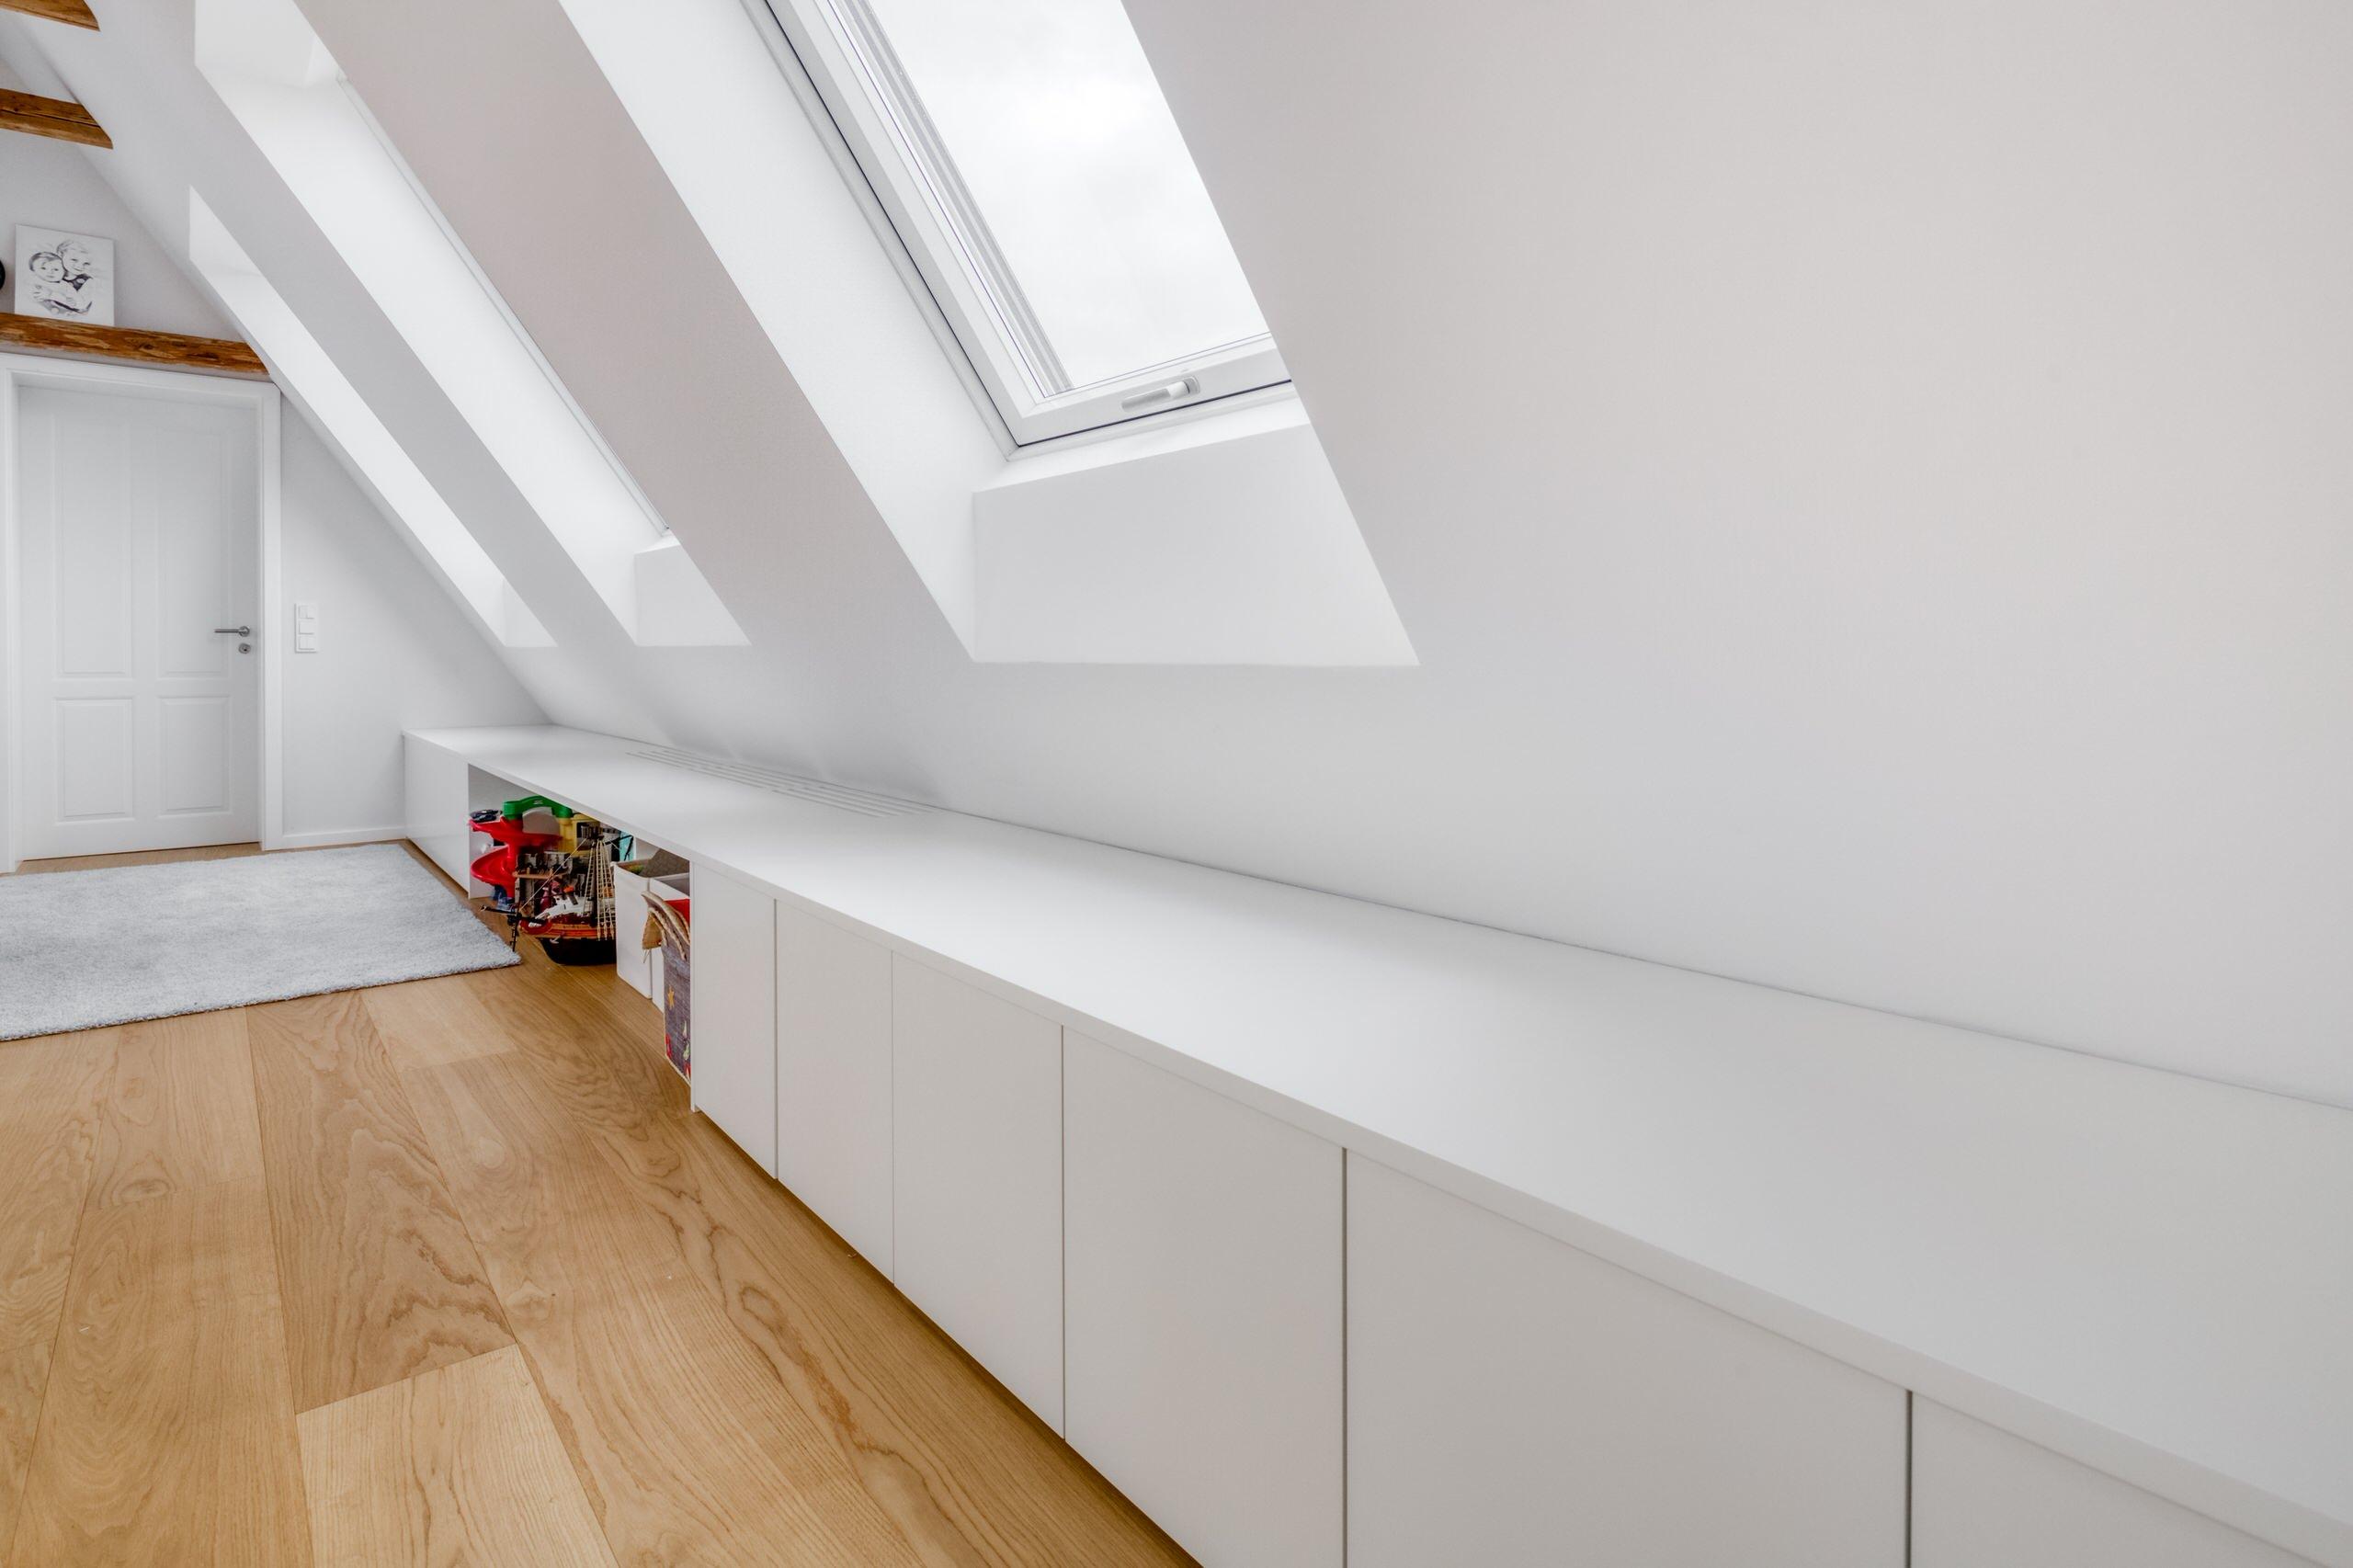 KHS89 - Einbauten Dachgeschoss Kniestock